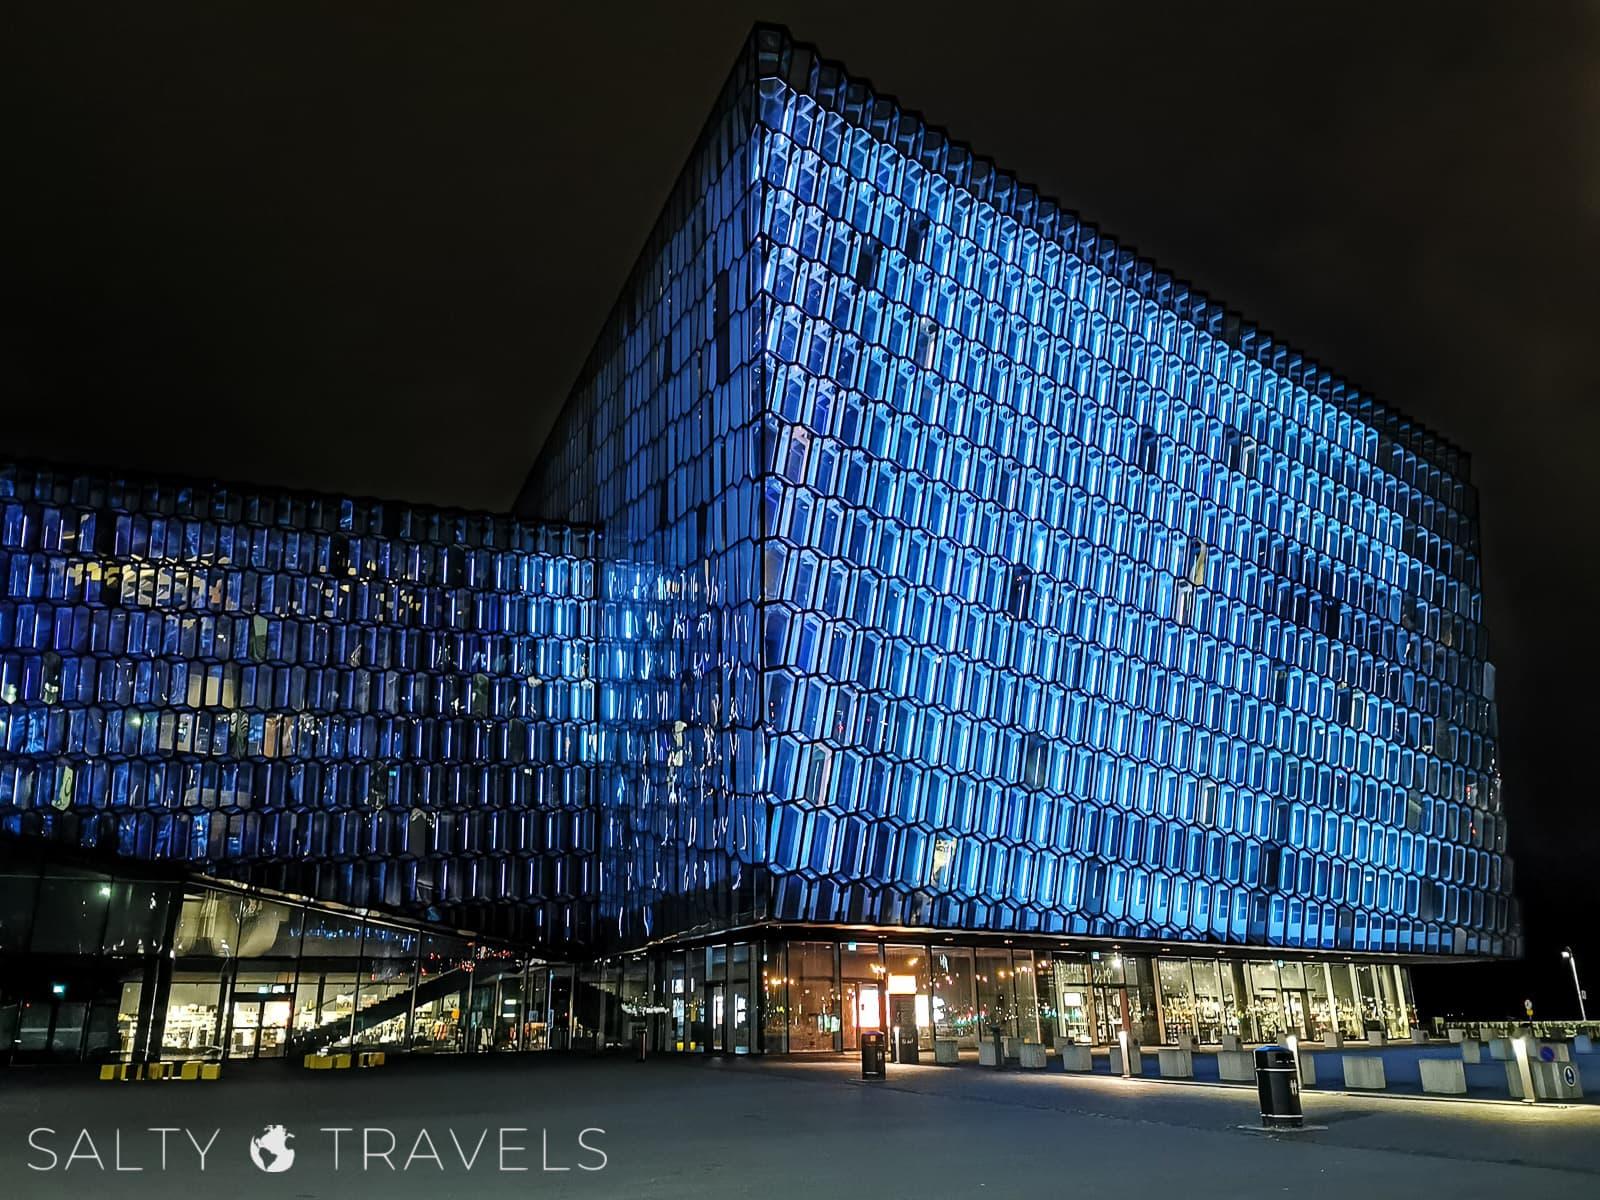 zwiedzanie Reykjaviku w czasie kwarantanny - HARPA CONCERT HALL